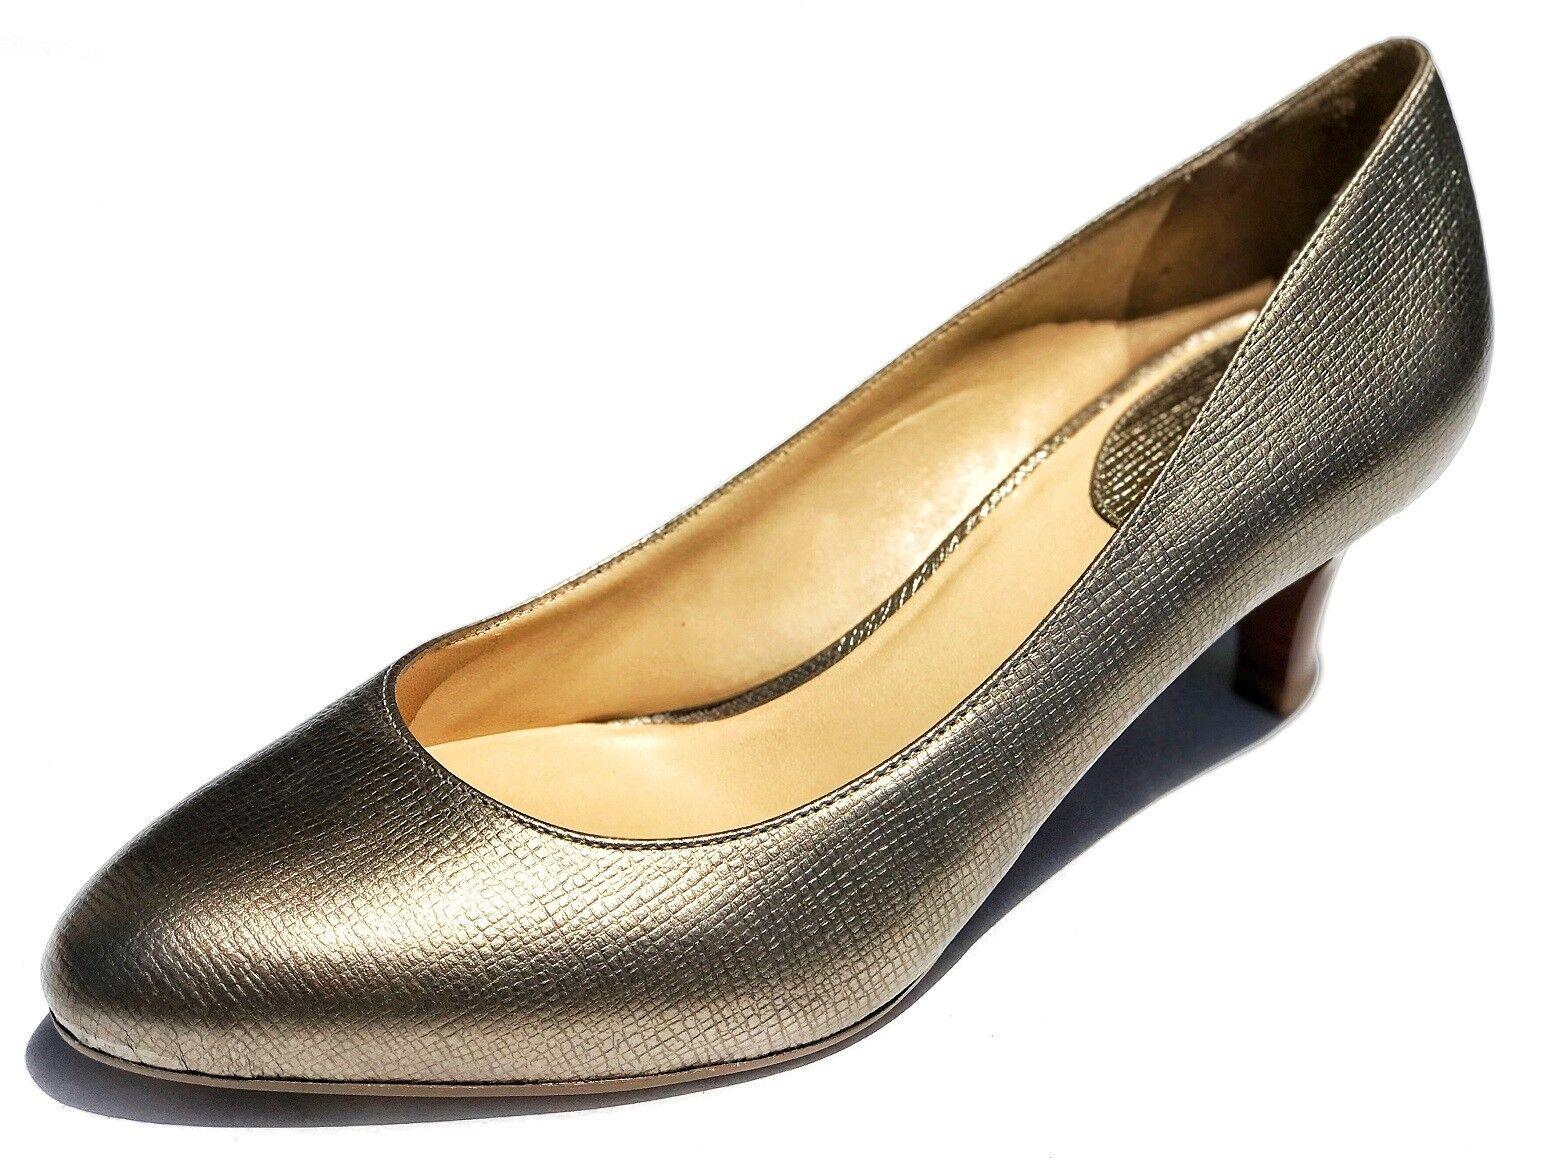 Cole Haan Damenschuhe Hana Leder Pump Heel Dress Schuhes 9.5 NEW IN BOX